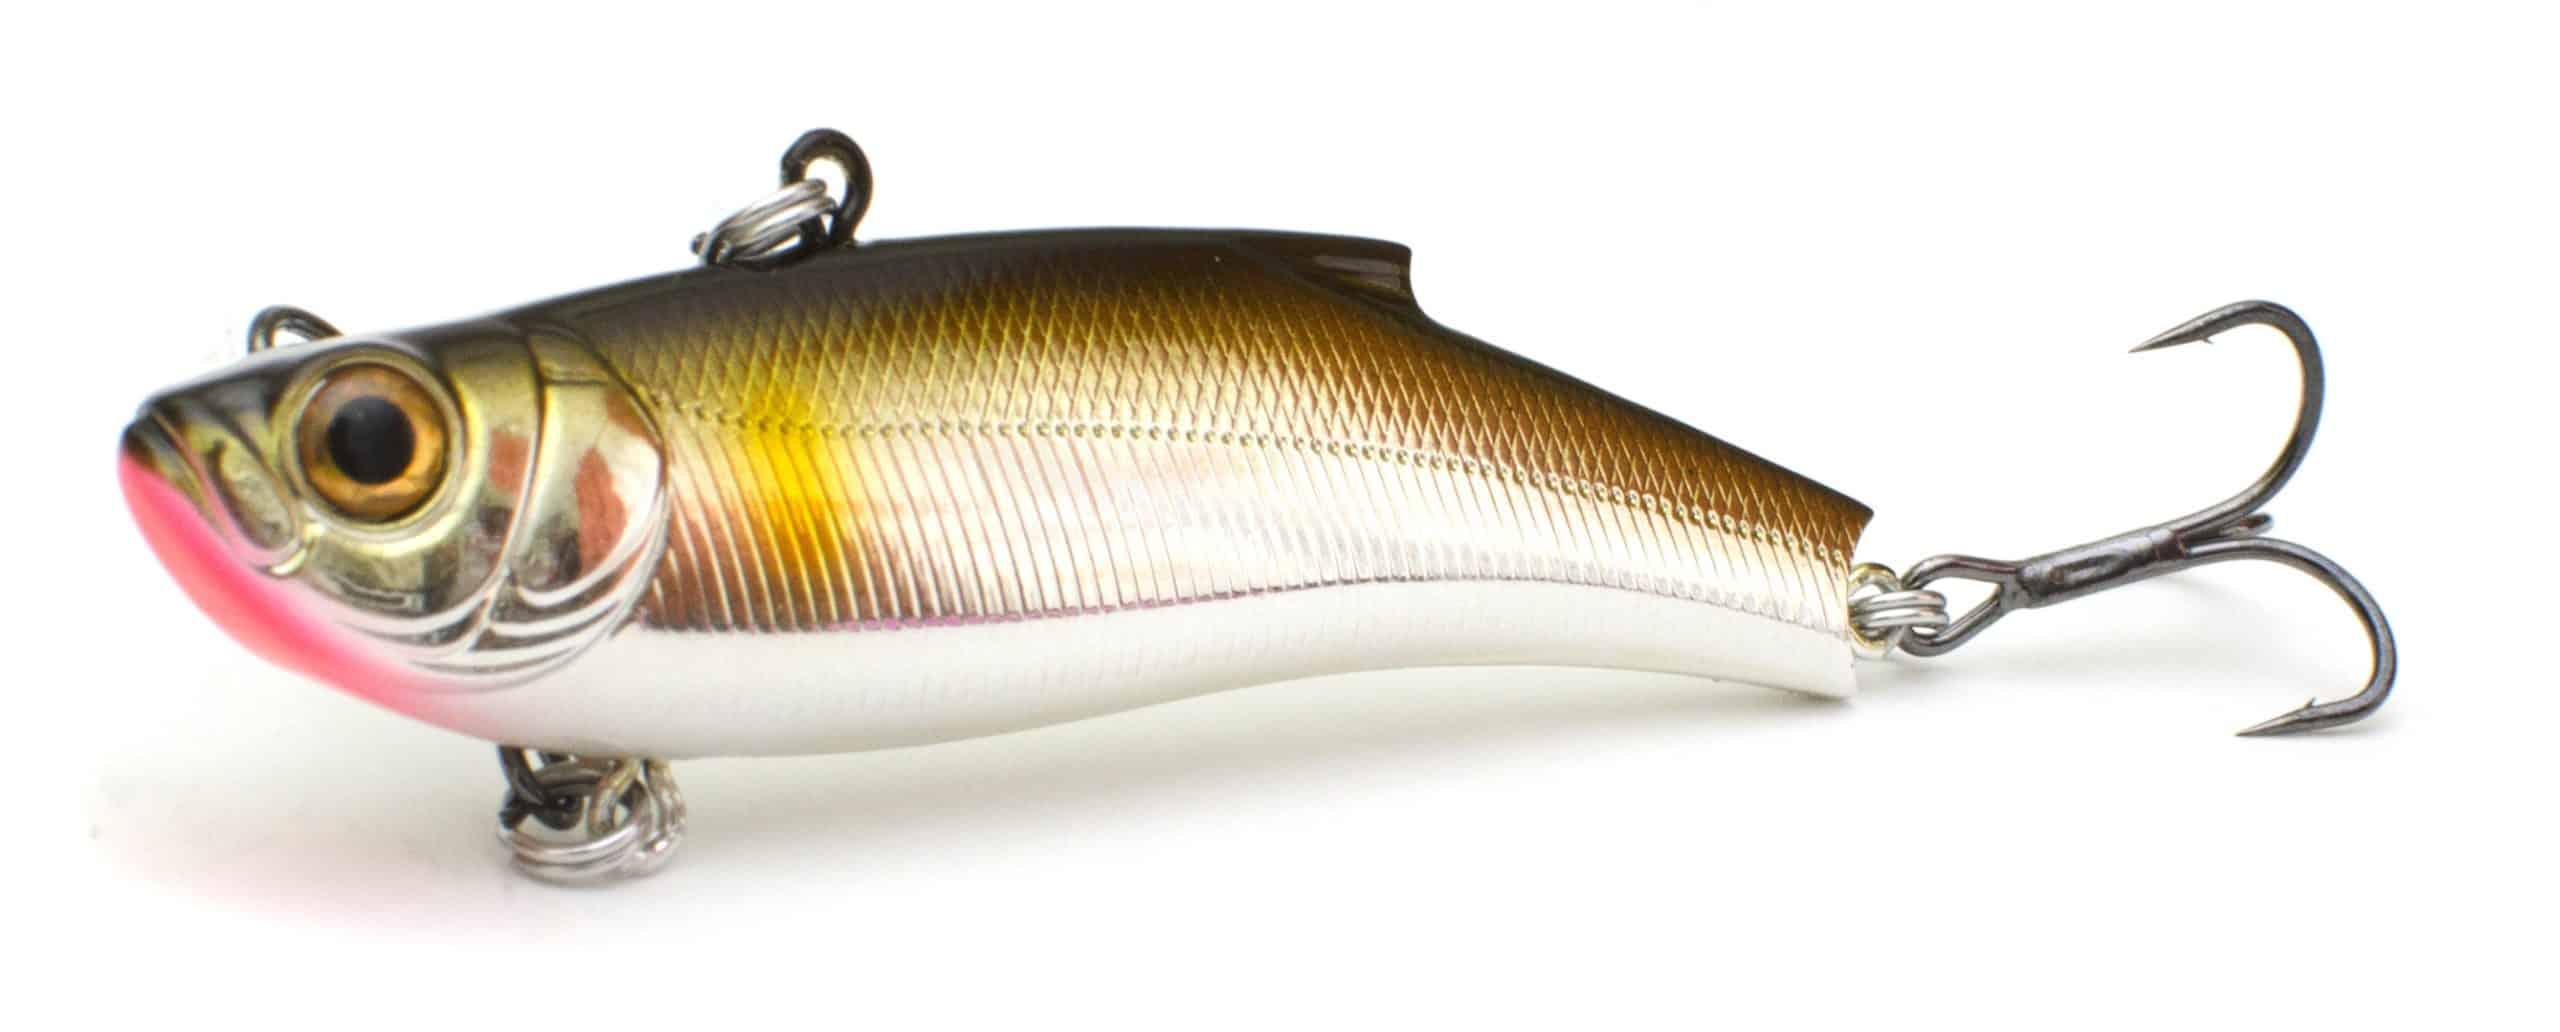 Ловля судака на ратлины зимой: техника ловли, лучшие модели ратлингов